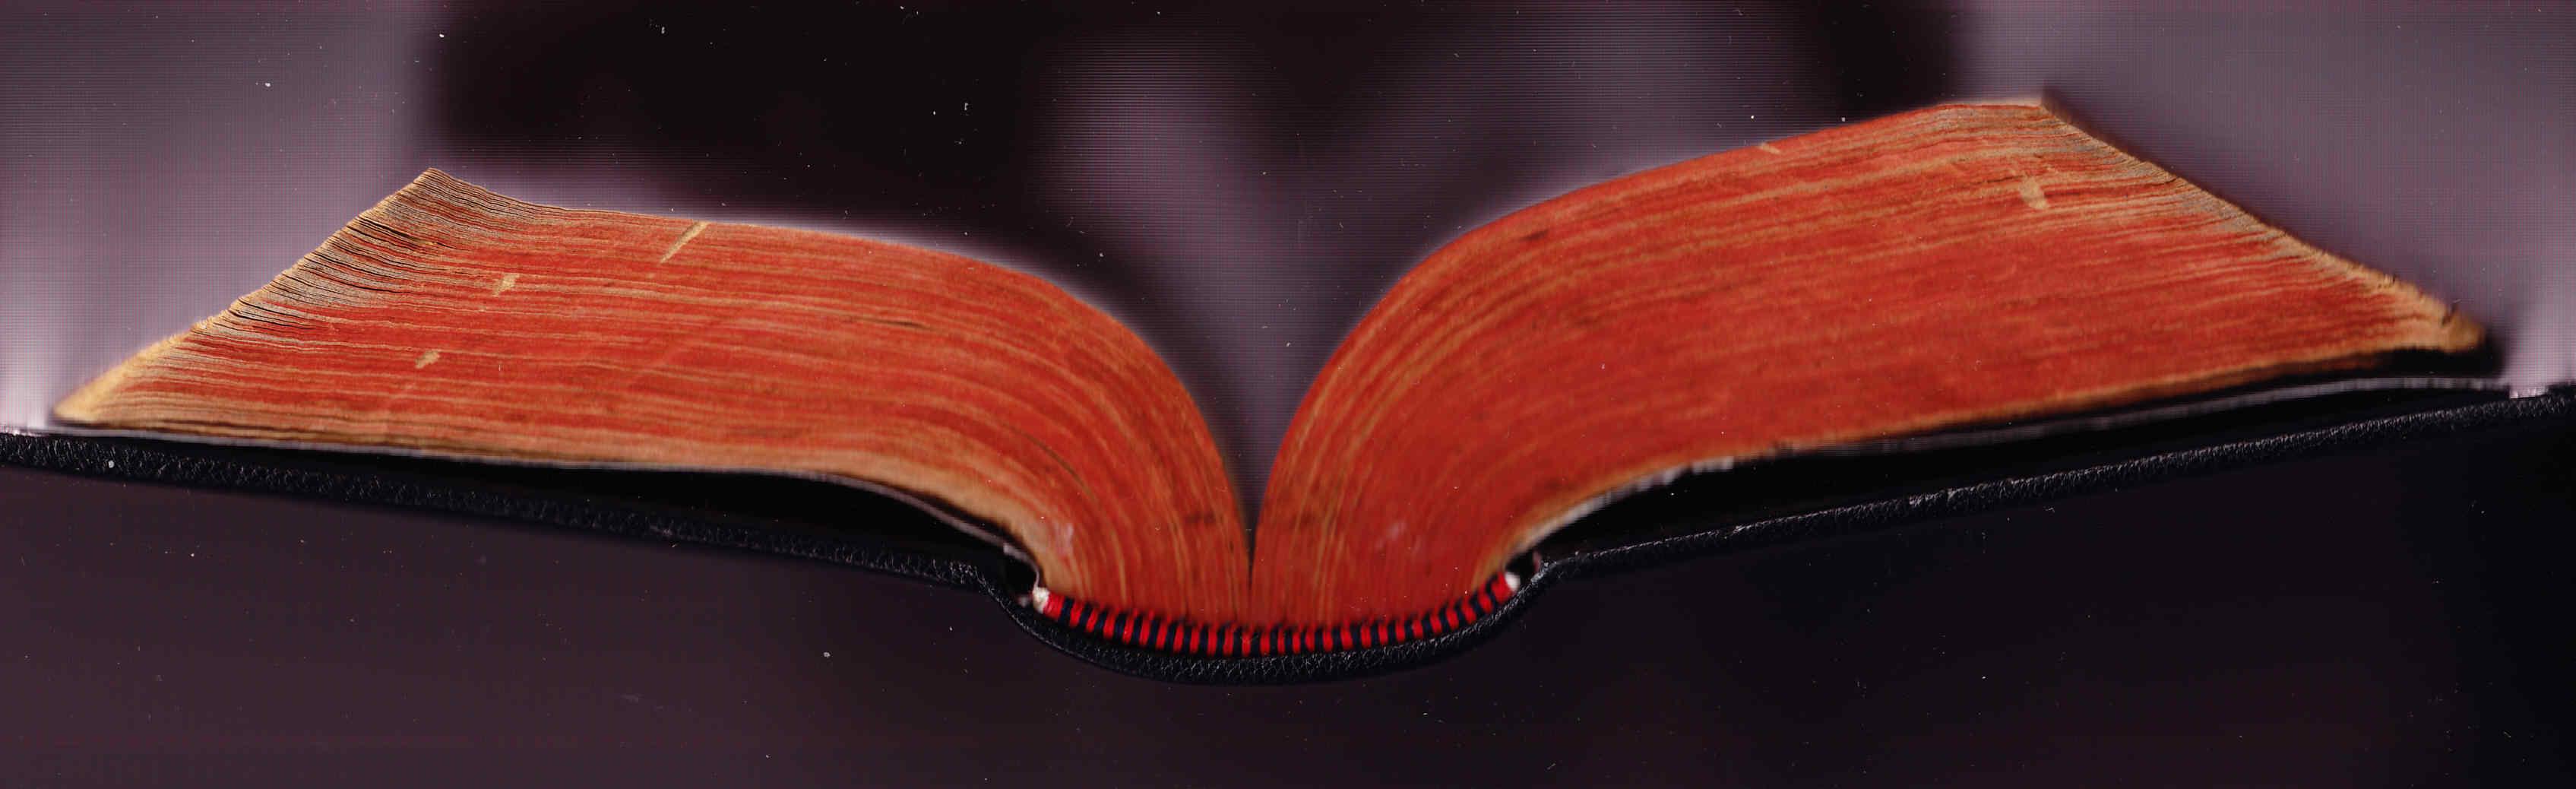 Restauración de libro antiguo y Amiano Marcelino terminado